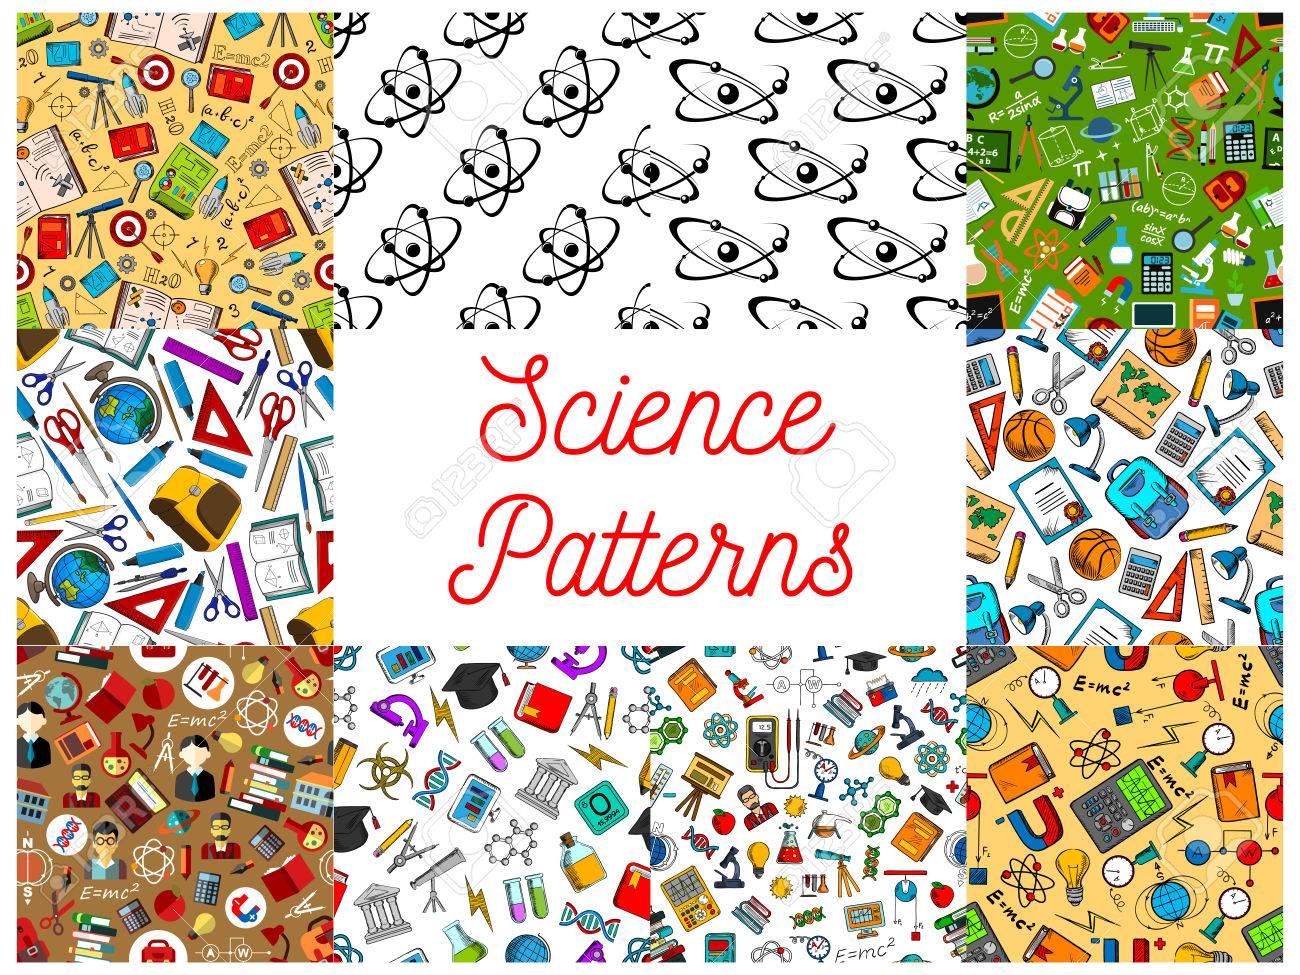 Patrones De Costura De La Ciencia. Modelo Del Vector De Objetos Y ...